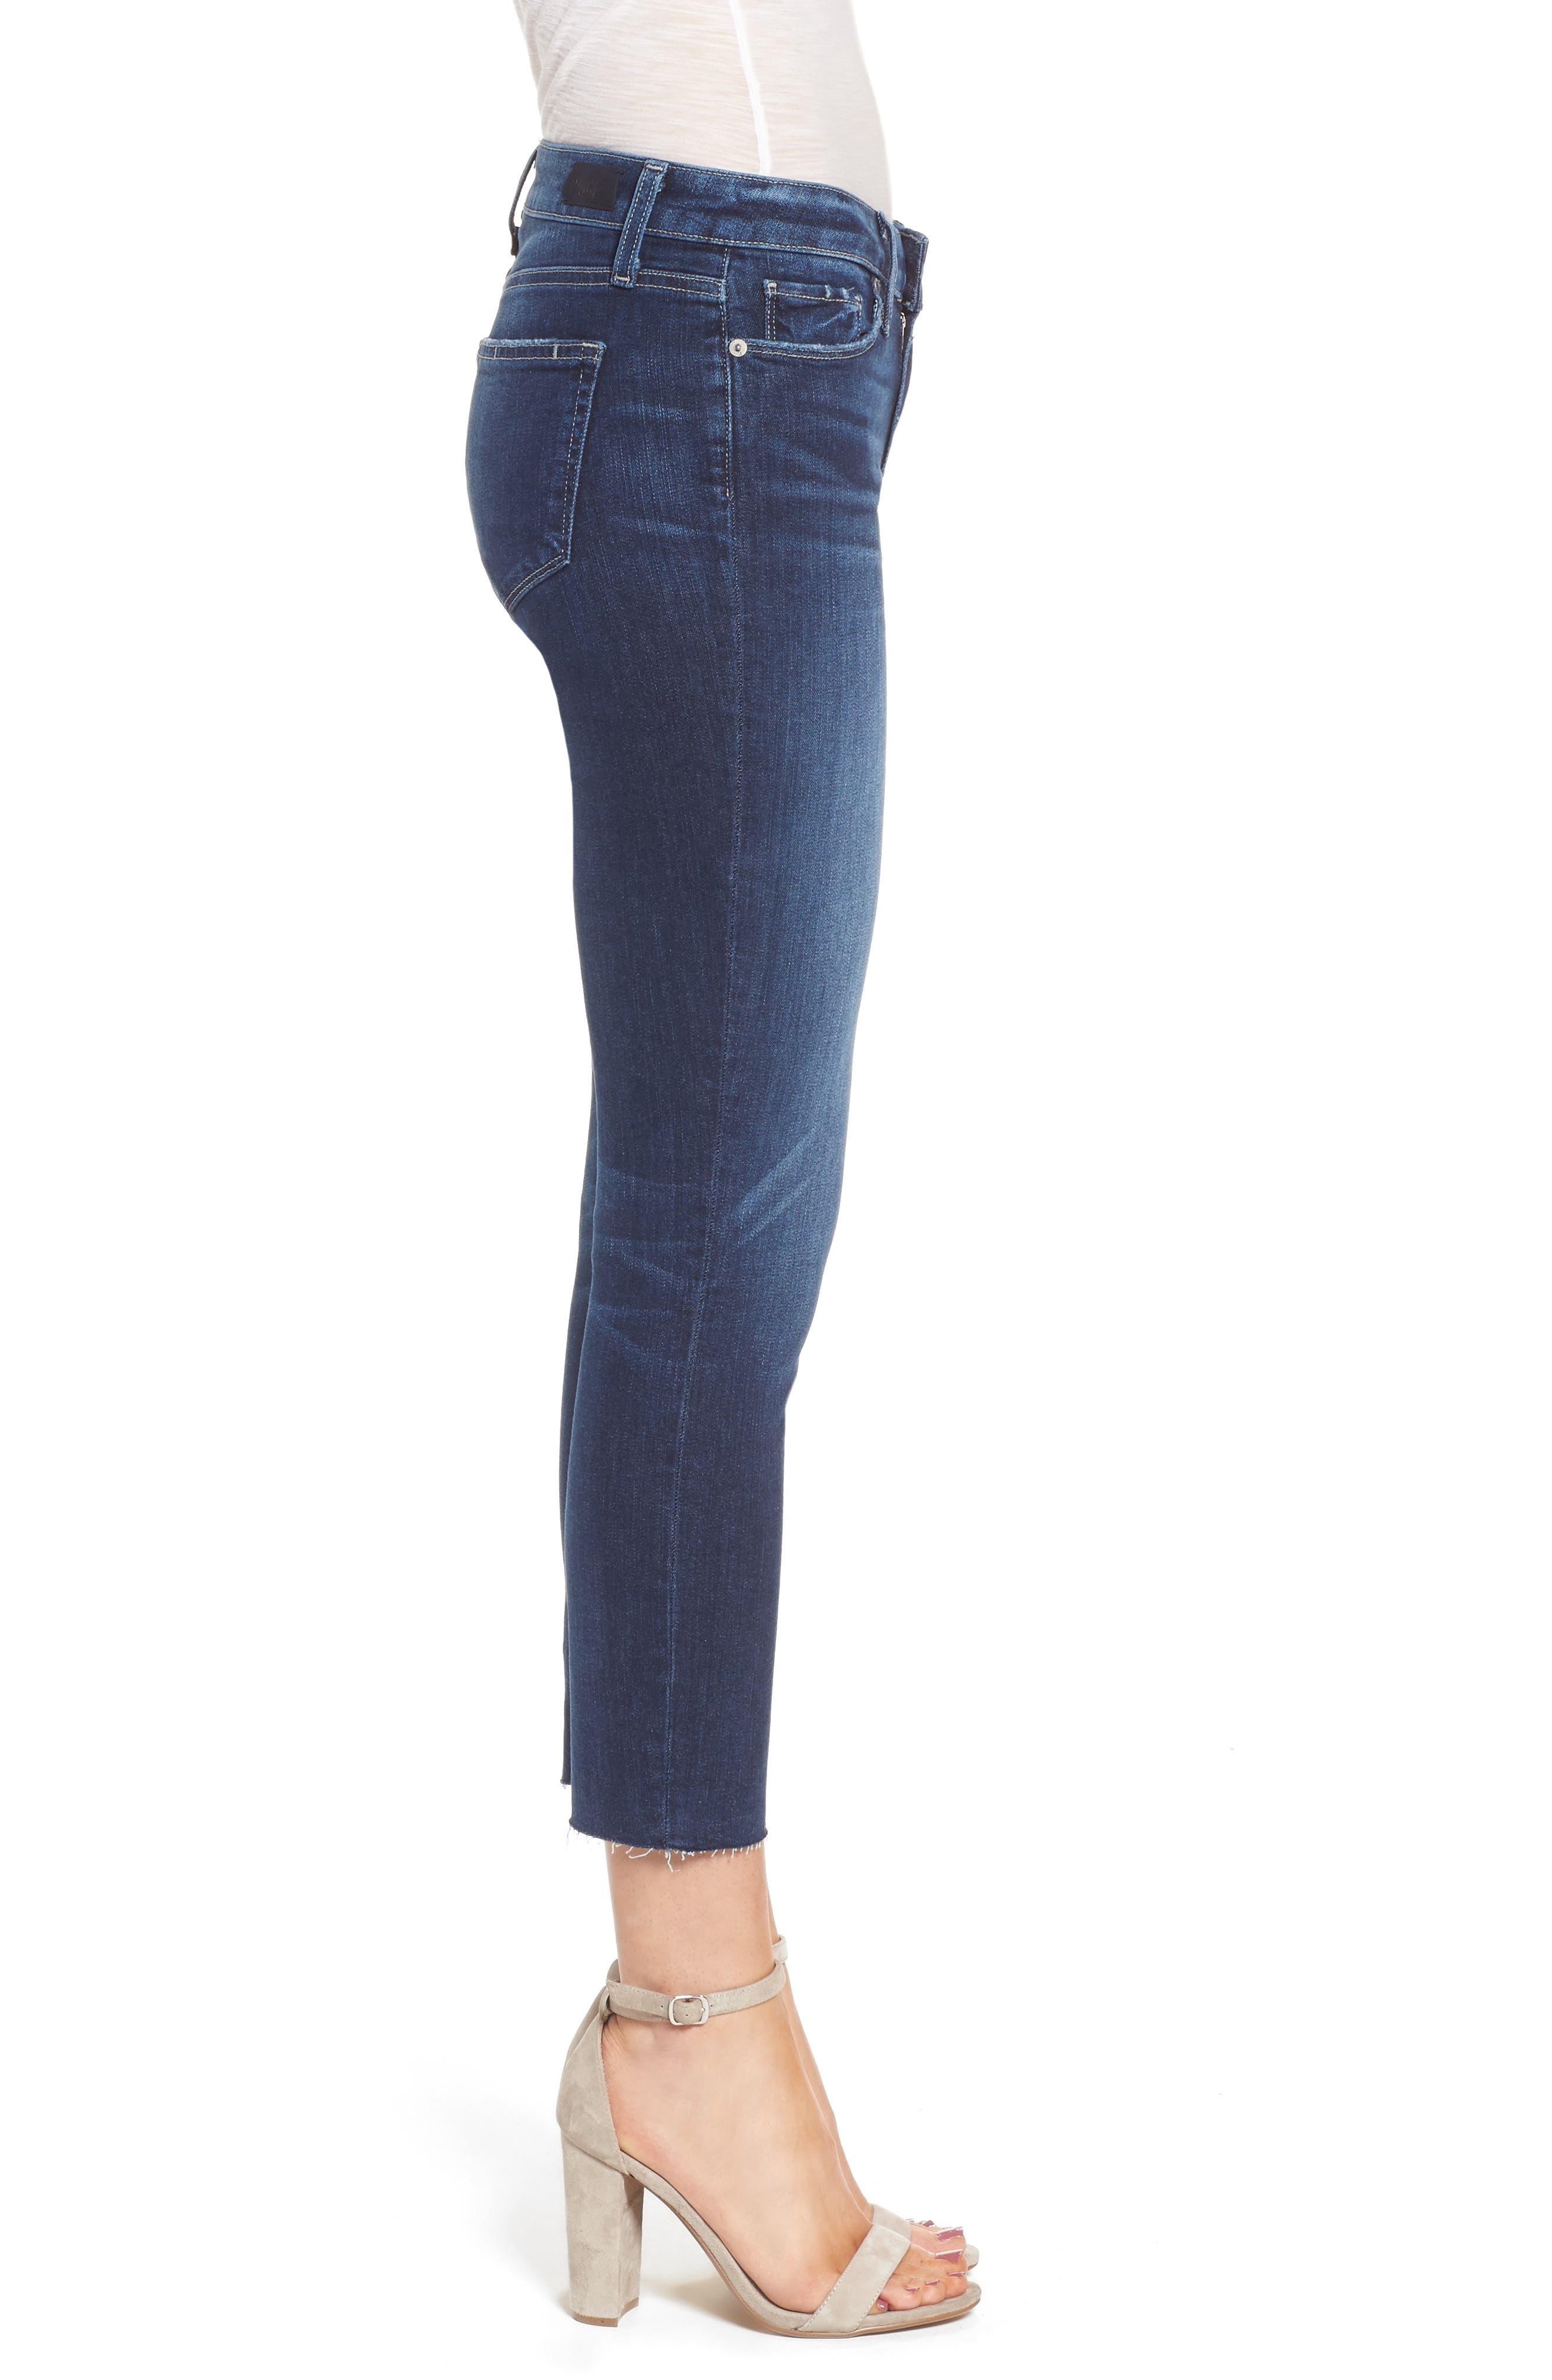 Transcend - Skyline Crop Skinny Jeans,                             Alternate thumbnail 3, color,                             Kylen